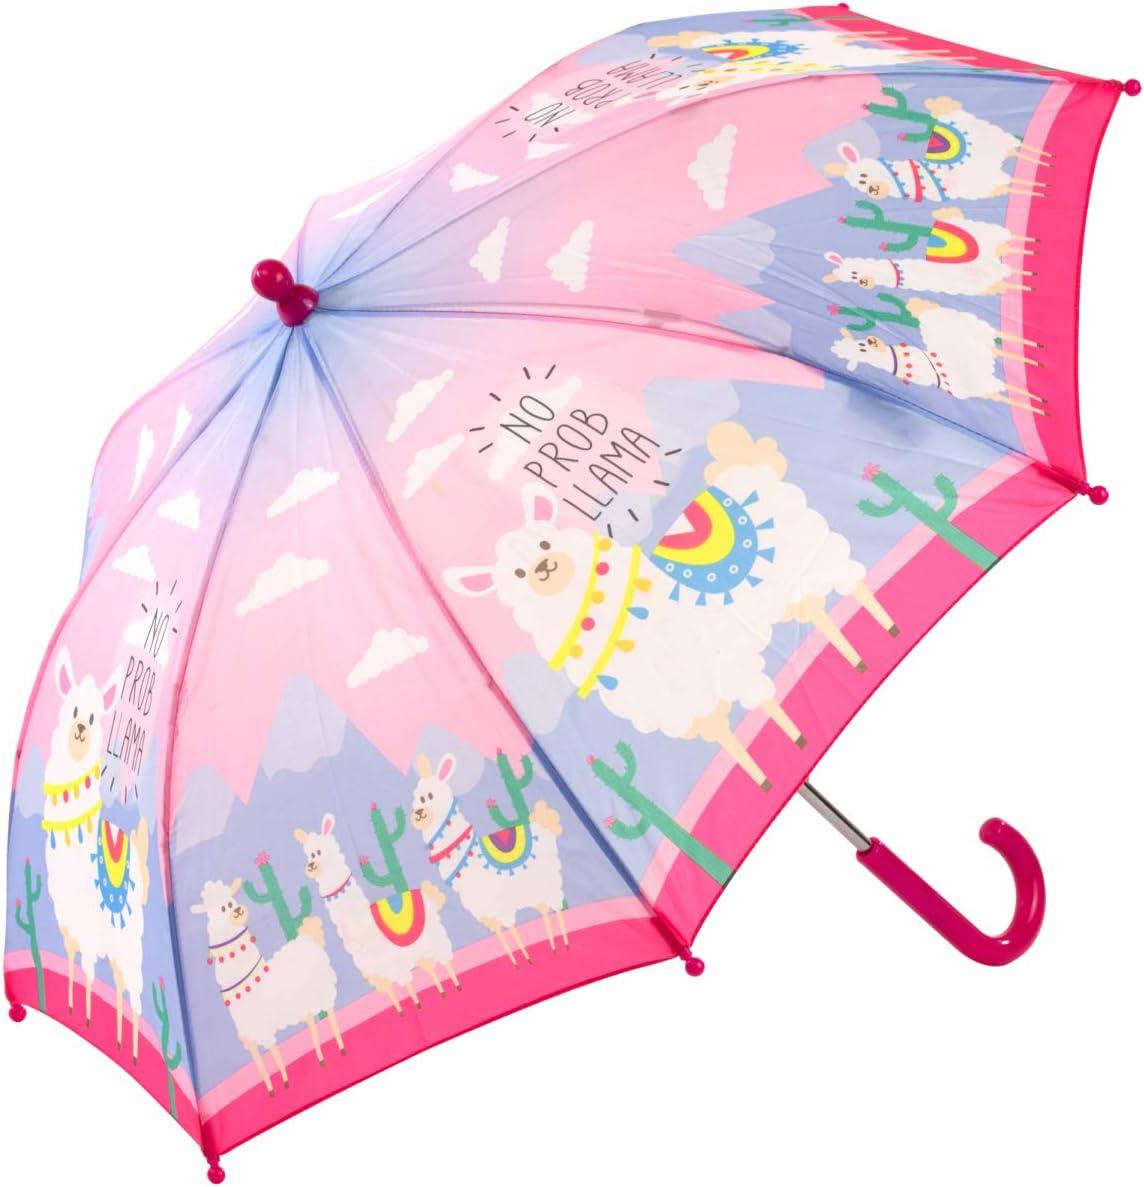 Childrens Llama Umbrella No Prob Llama